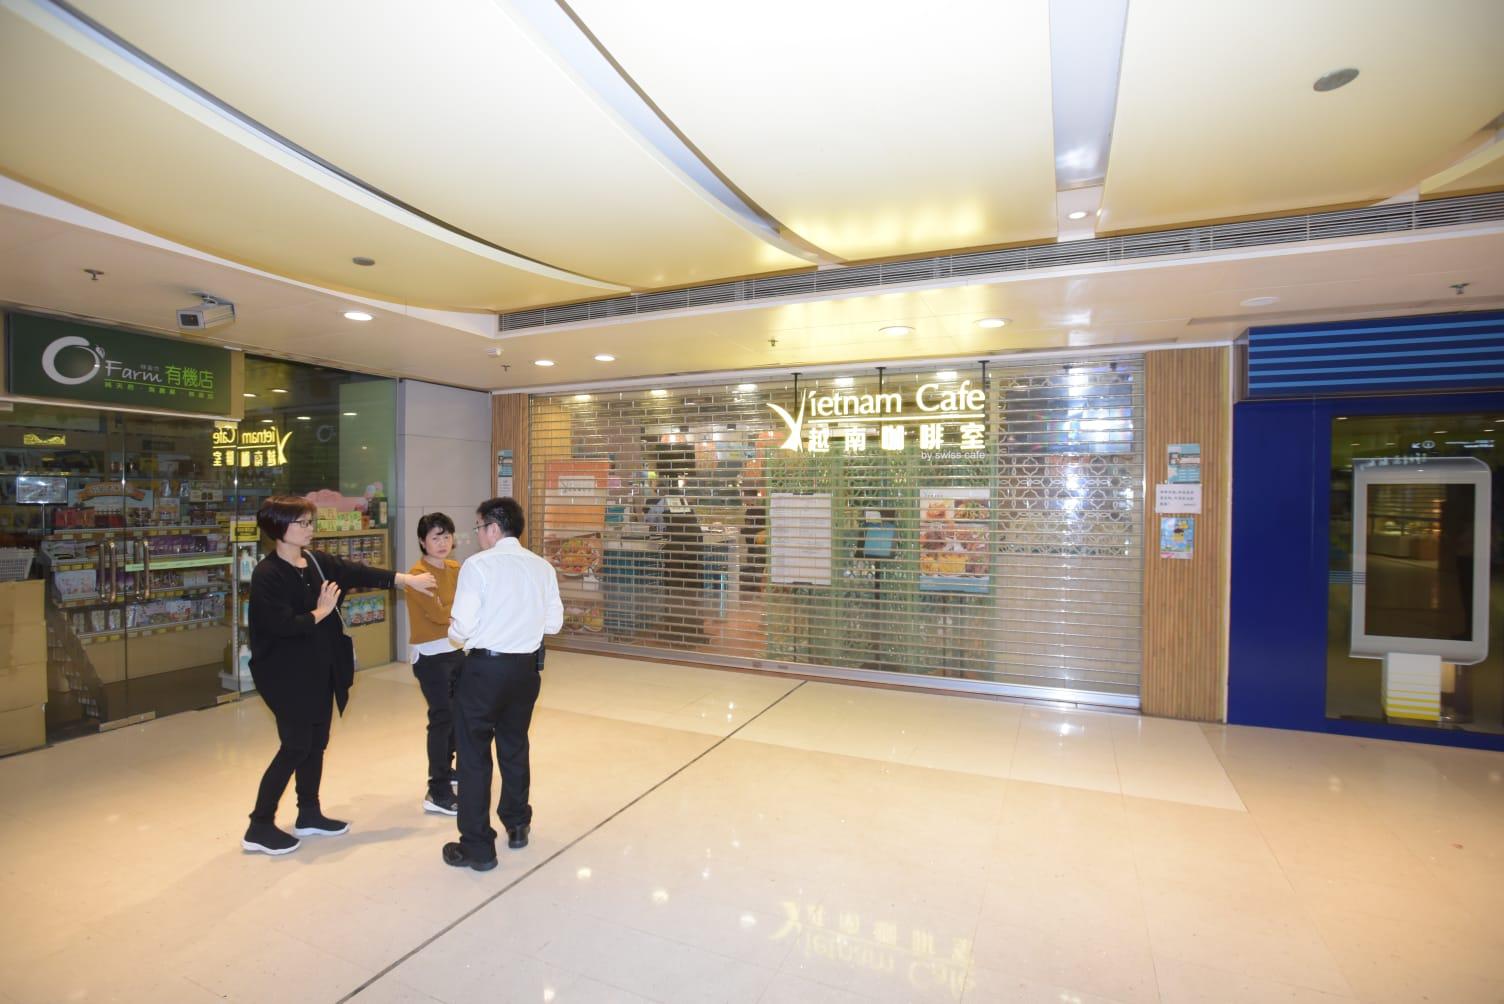 事發於秀茂坪邨商場1樓一間越南餐廳。